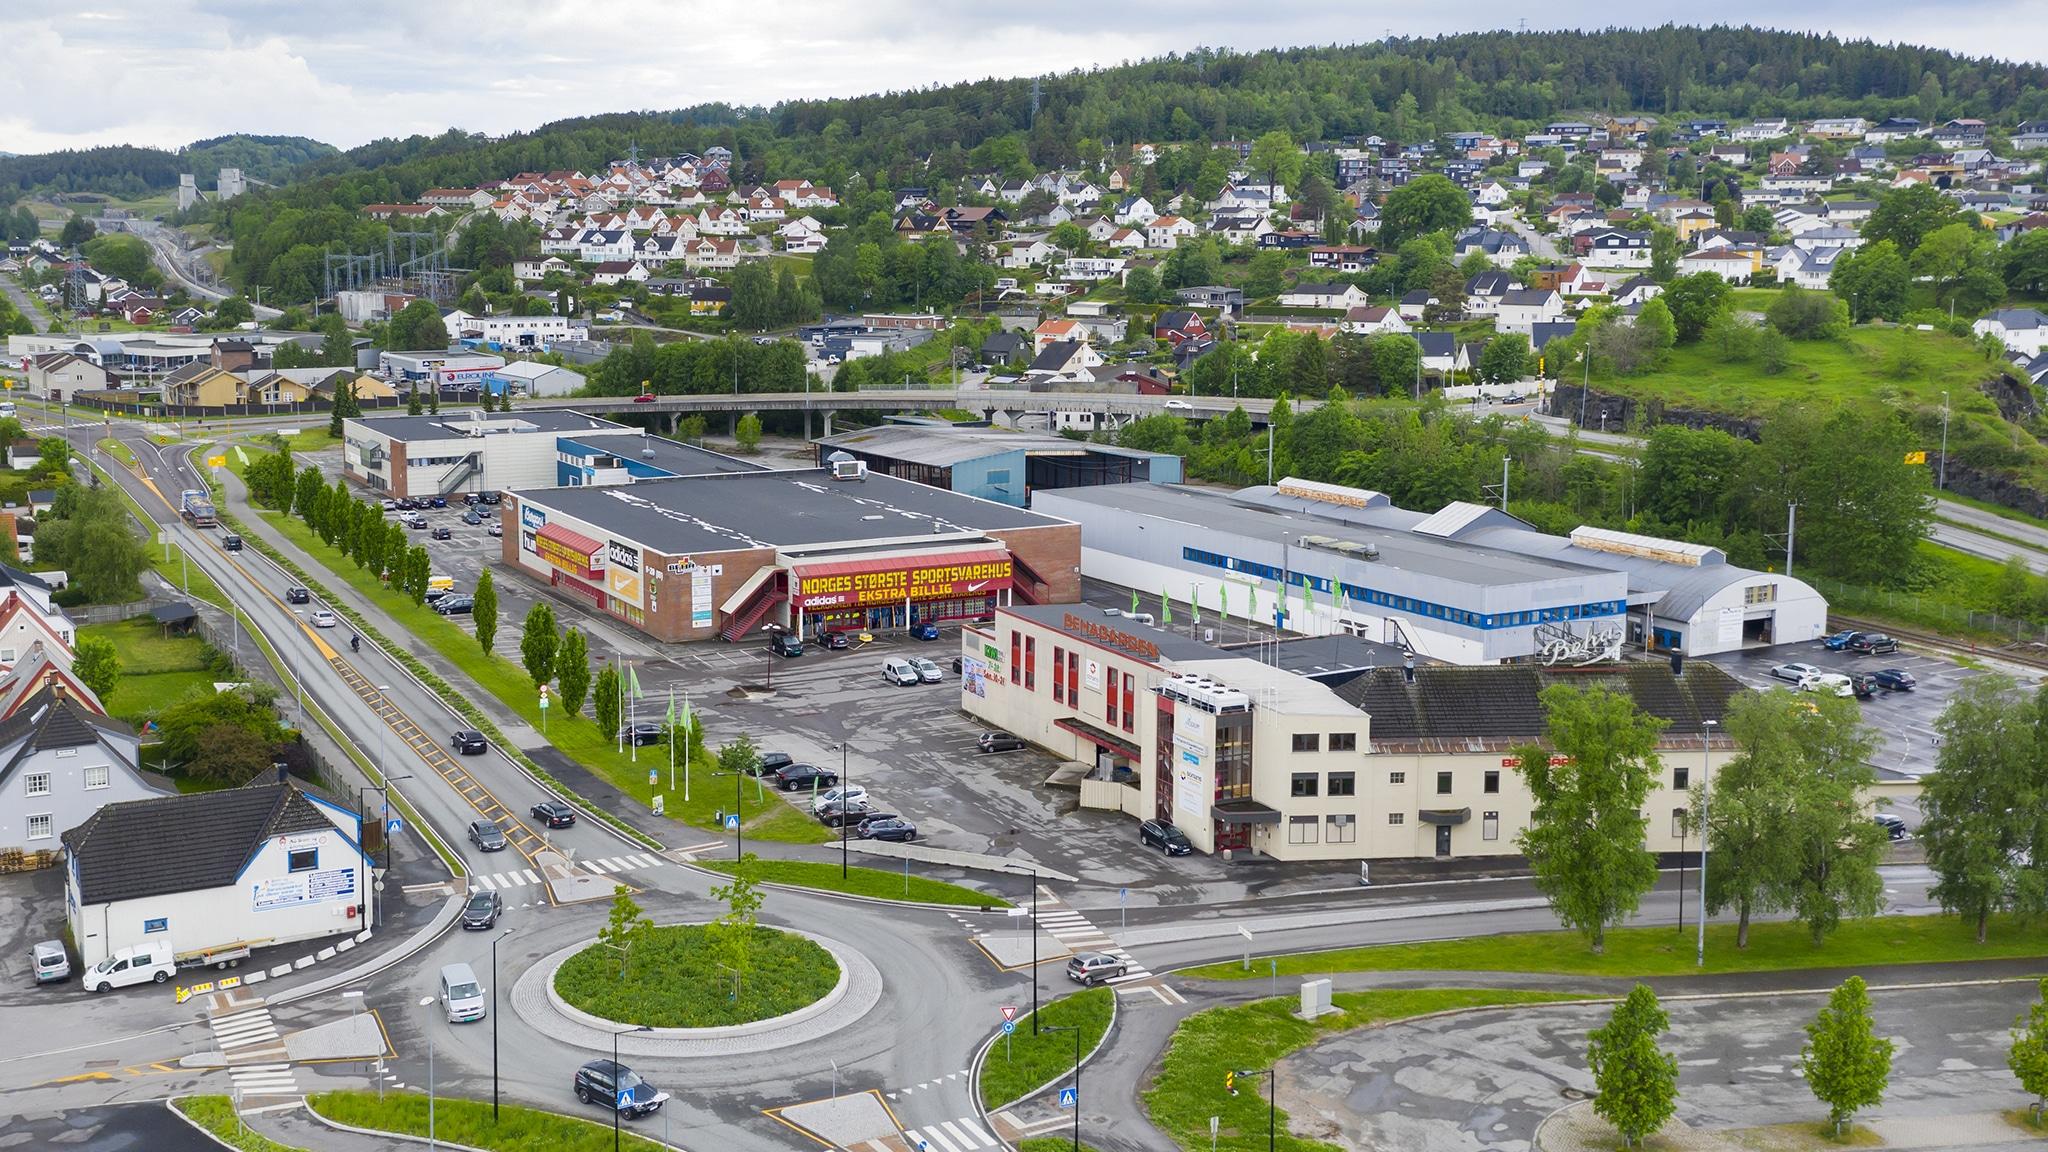 Butikklokale beha kvartalet C E Berg Hanssens gate porsgrunn 8